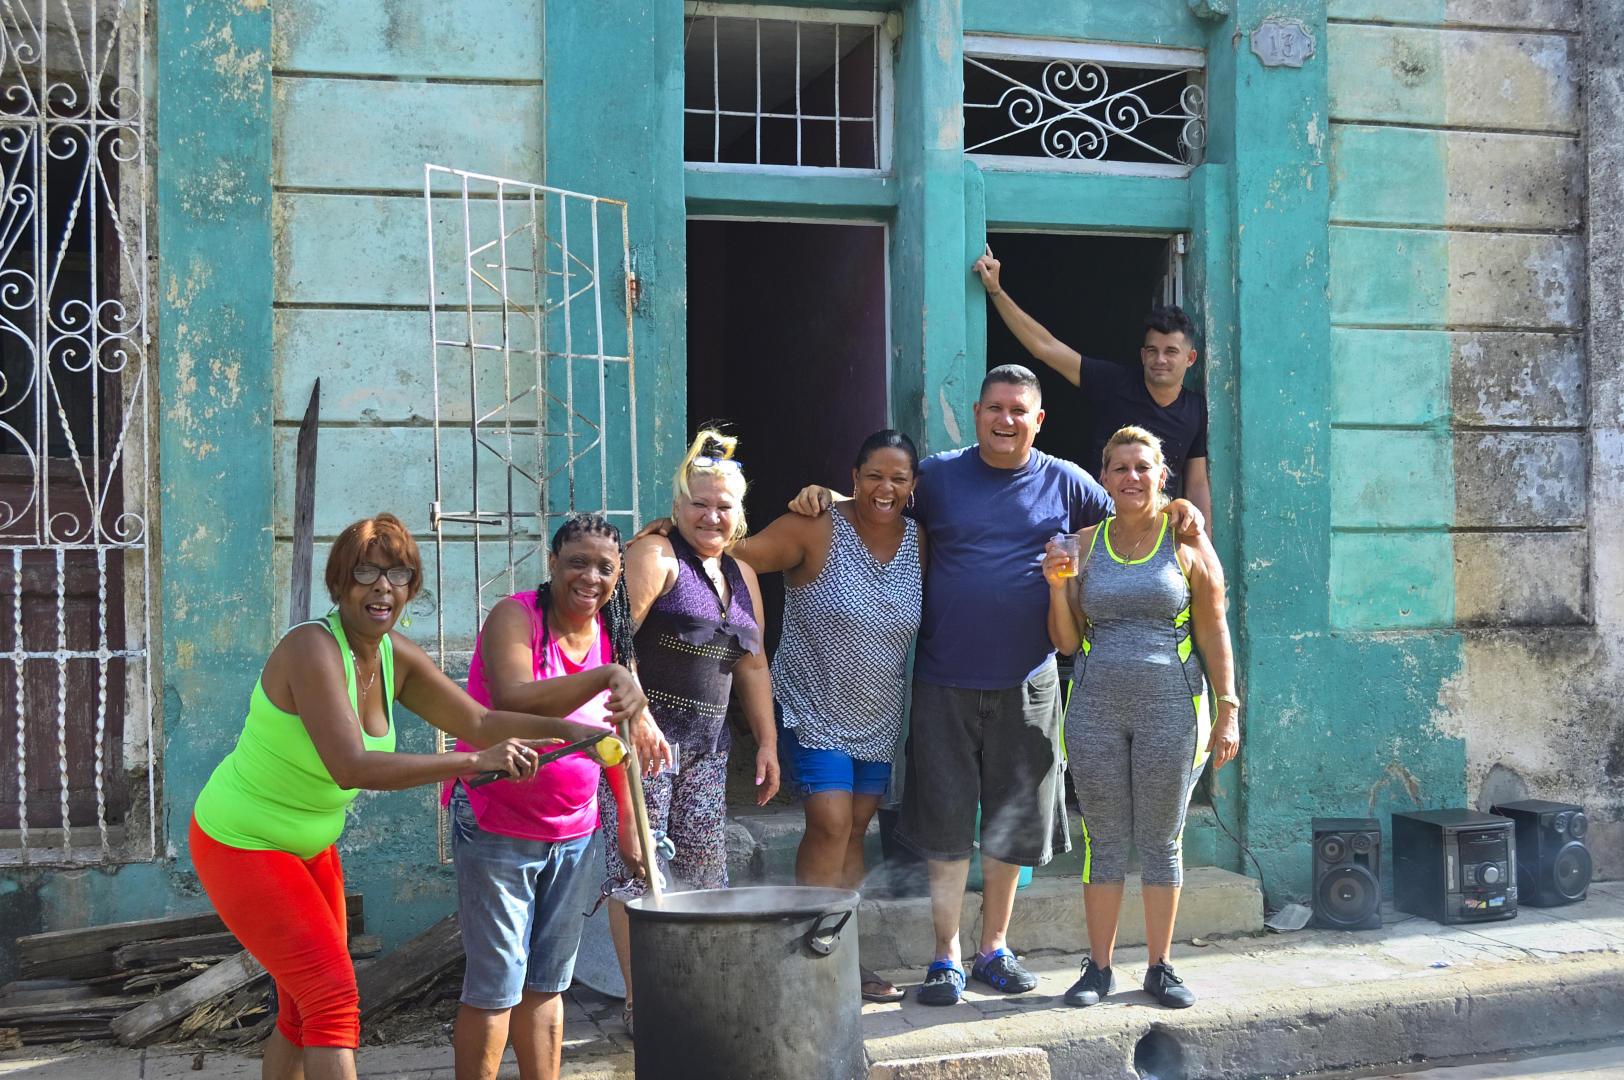 Ajíaco sanjuanero, sentir de los camagüeyanos